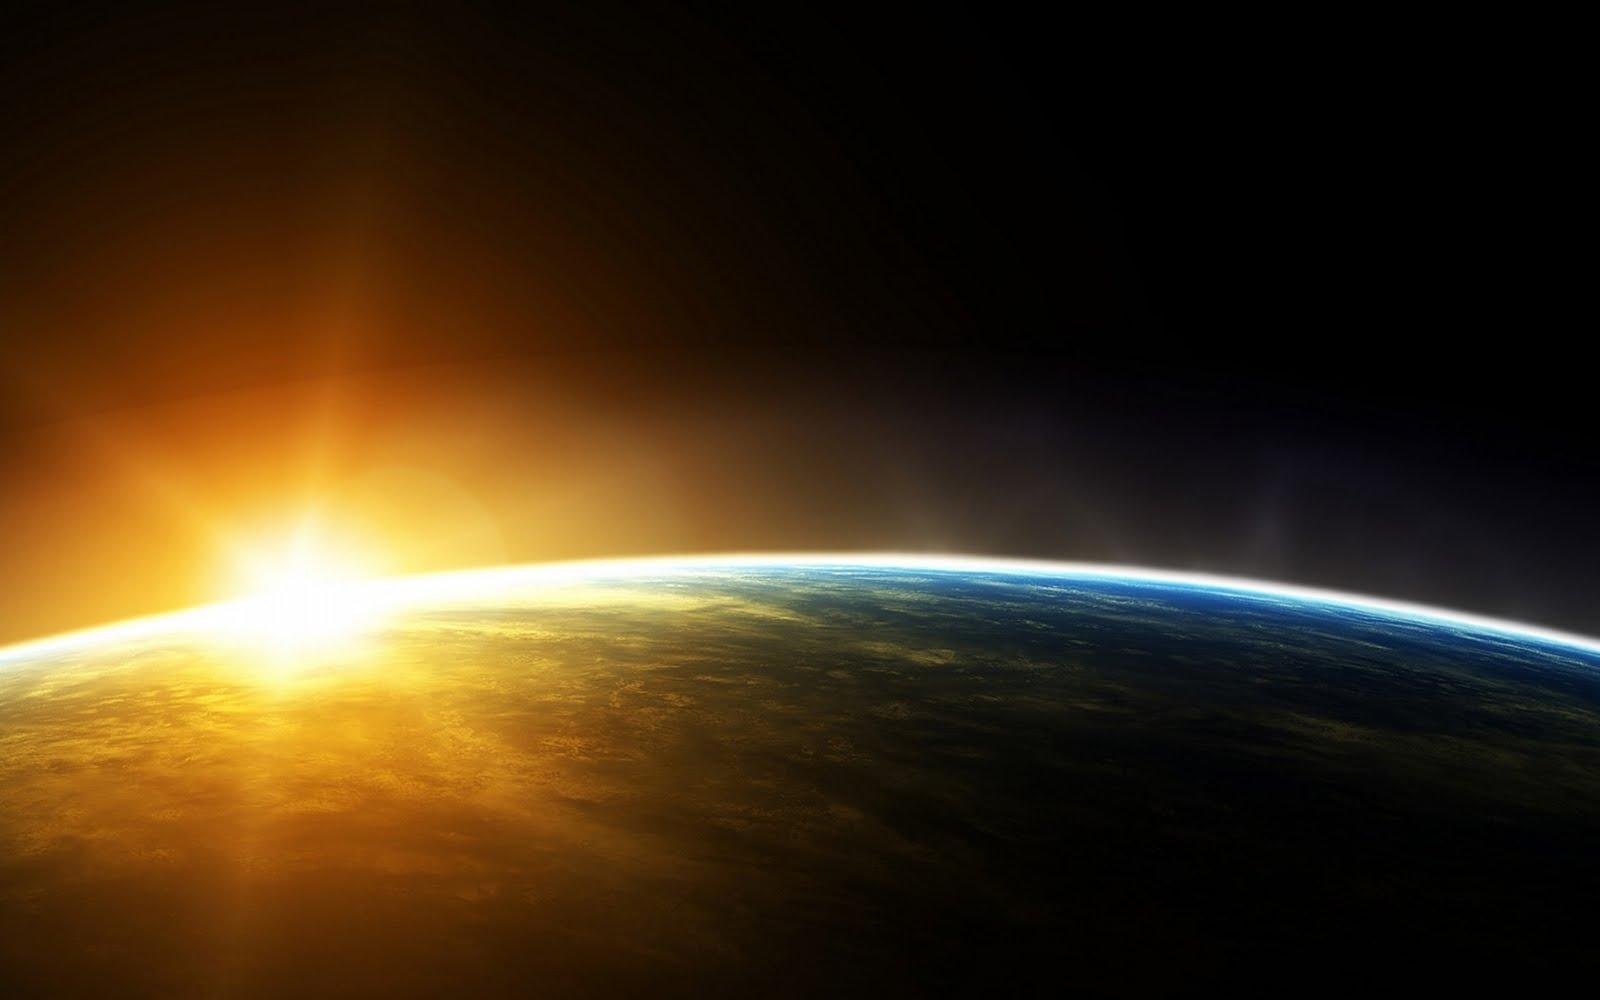 http://1.bp.blogspot.com/_qllChVOa1GY/TUFEQW94VPI/AAAAAAAAC88/QpyWuL5JGE0/s1600/Sunrise.jpg